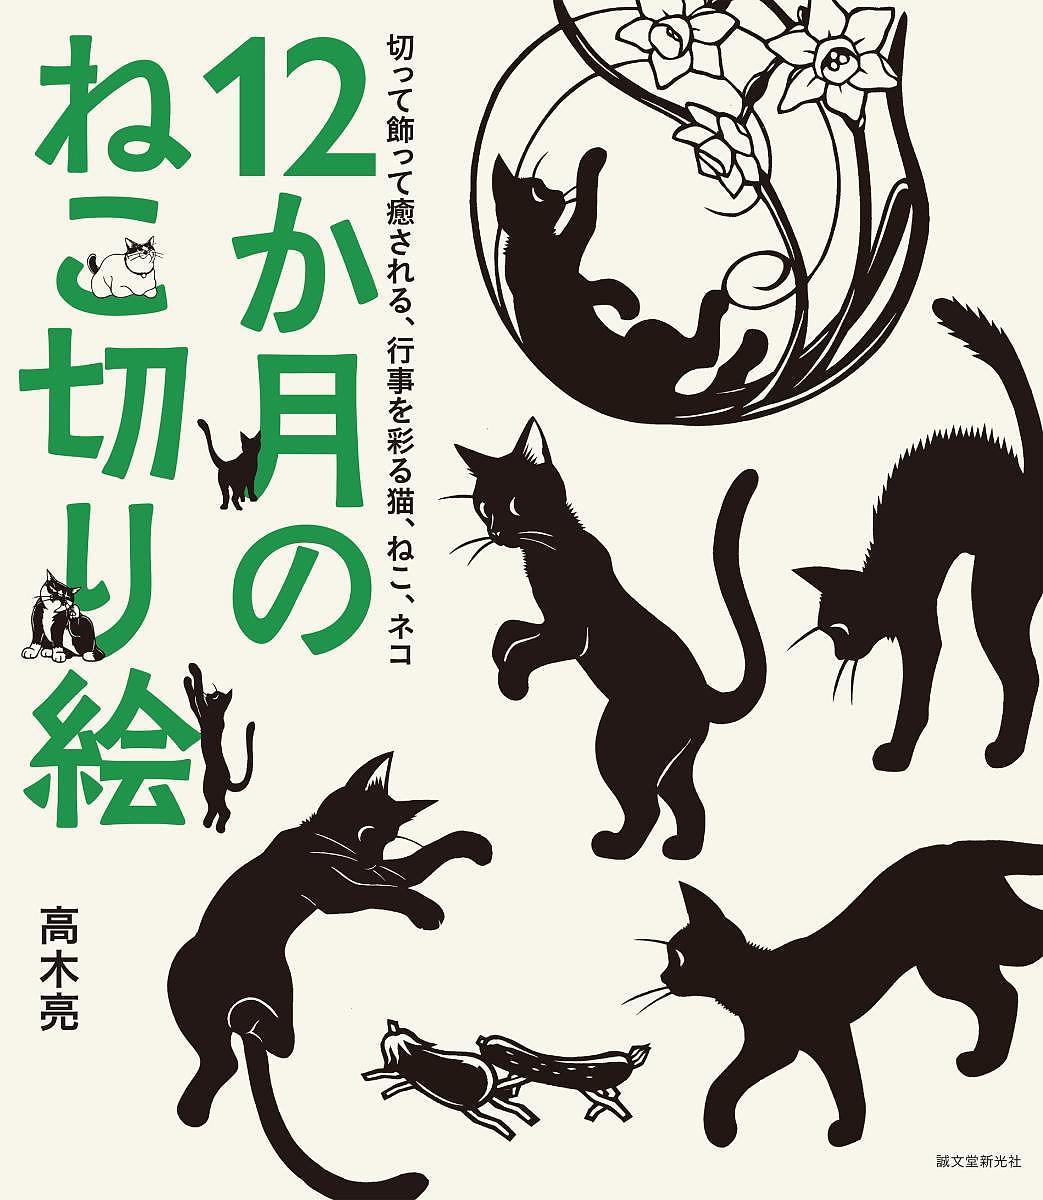 【店内全品5倍】12か月のねこ切り絵 切って飾って癒される、行事を彩る猫、ねこ、ネコ/高木亮【3000円以上送料無料】